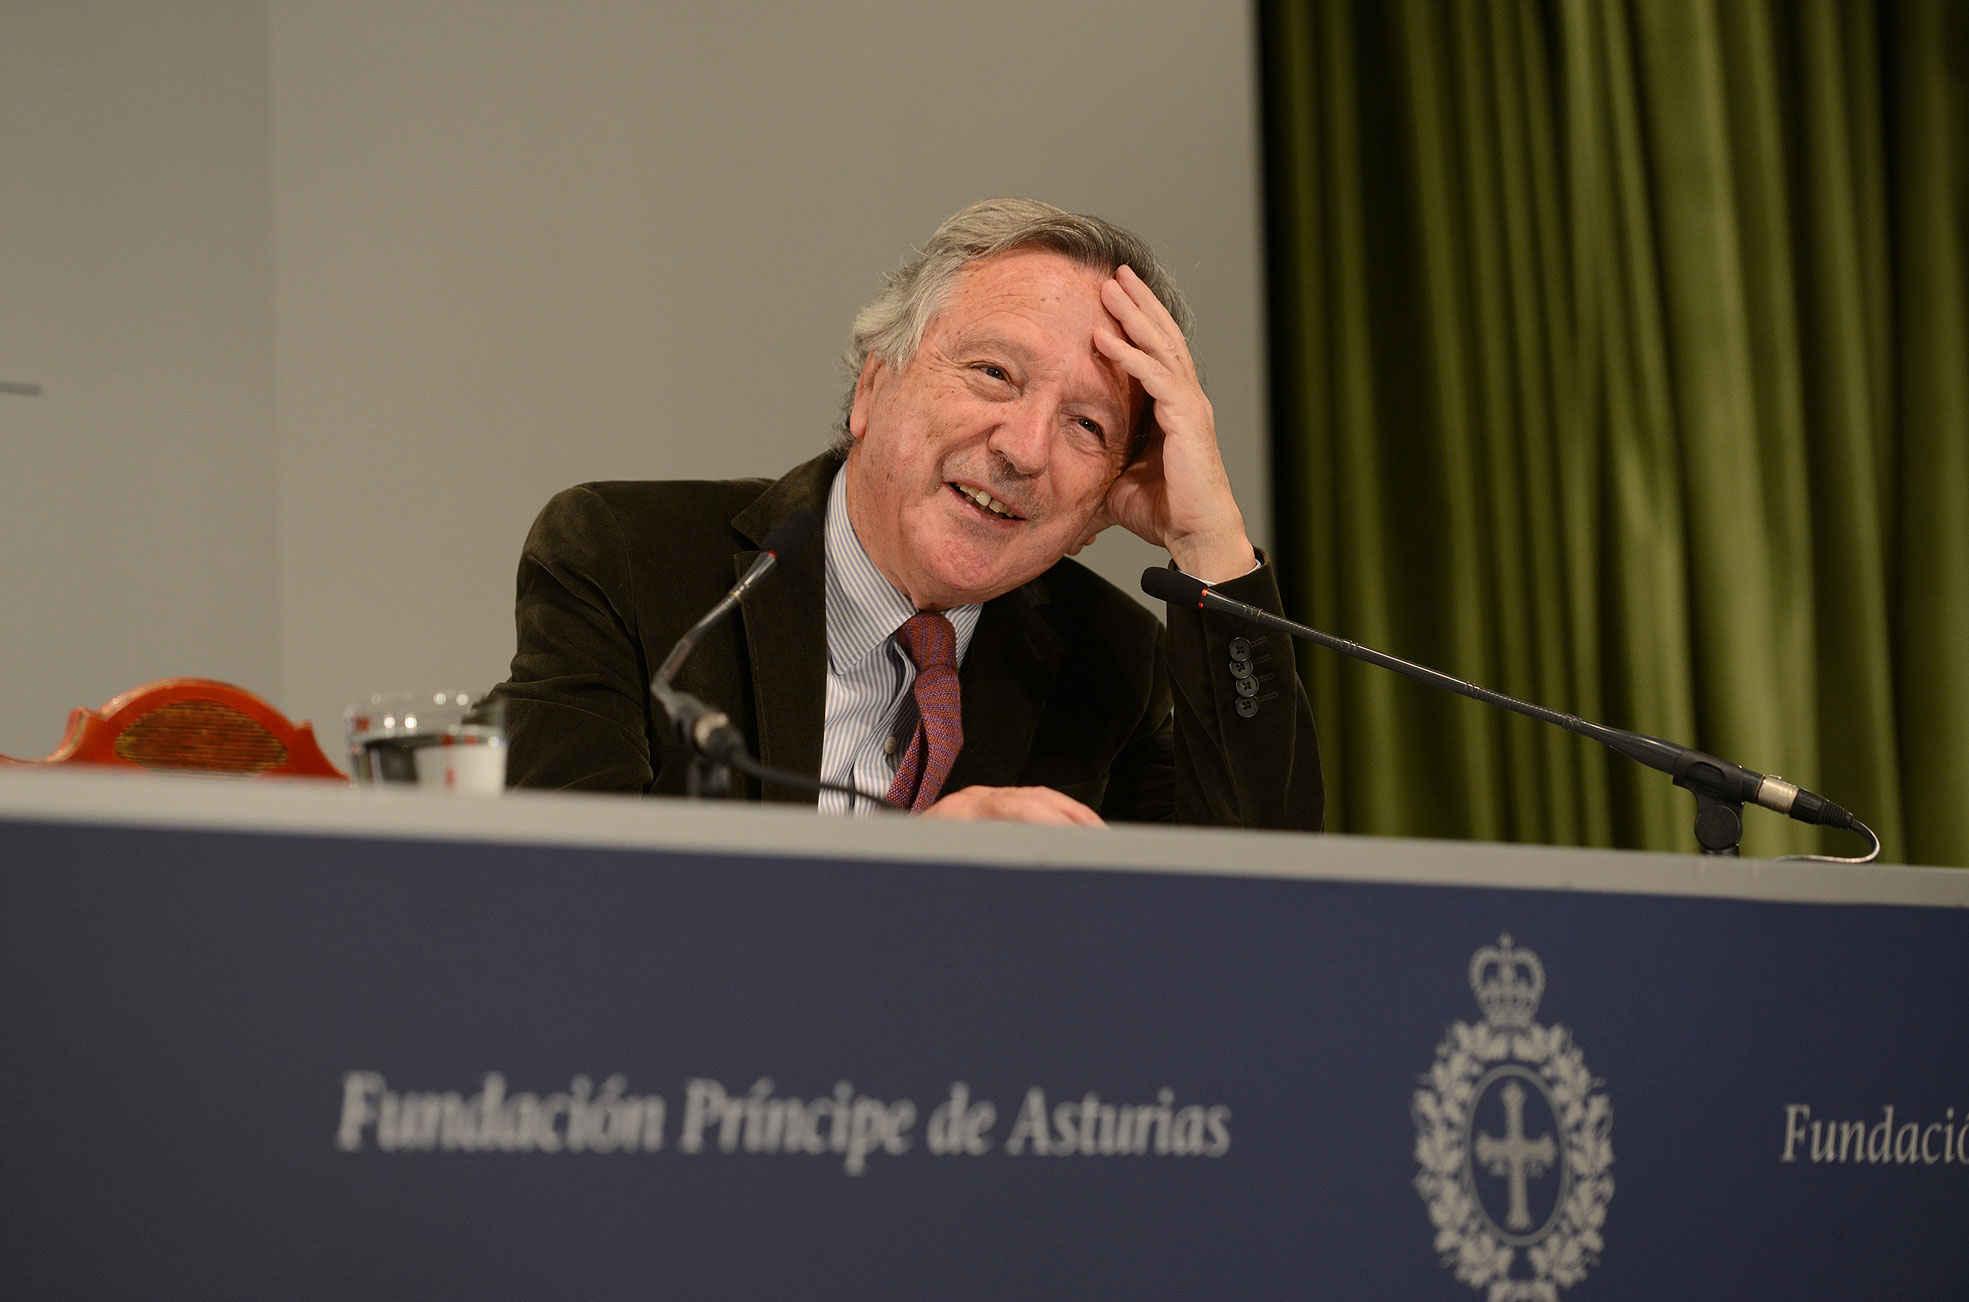 Rafael Moneo press conference